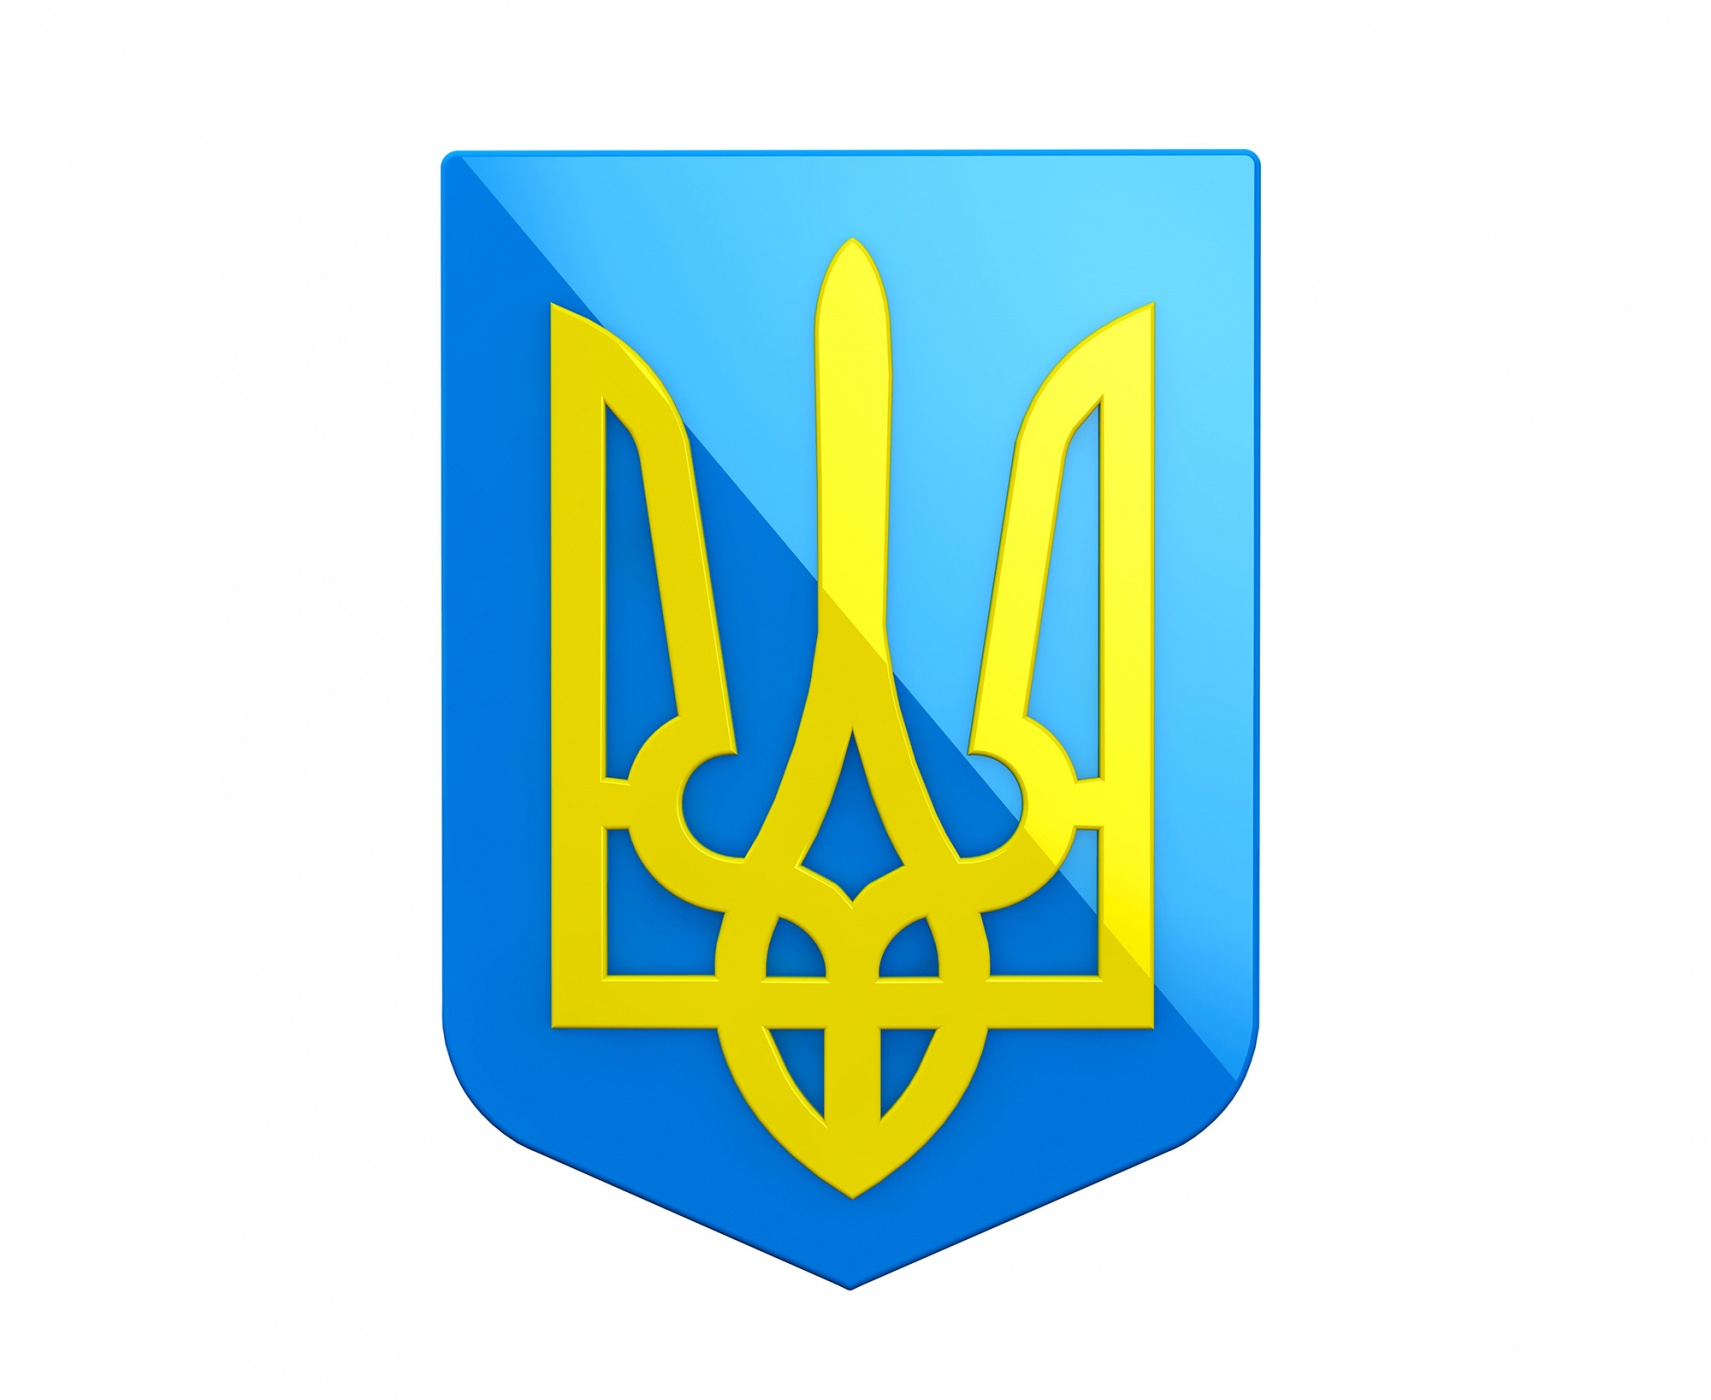 картинка герб украины на прозрачном фоне каждом отдельном случае